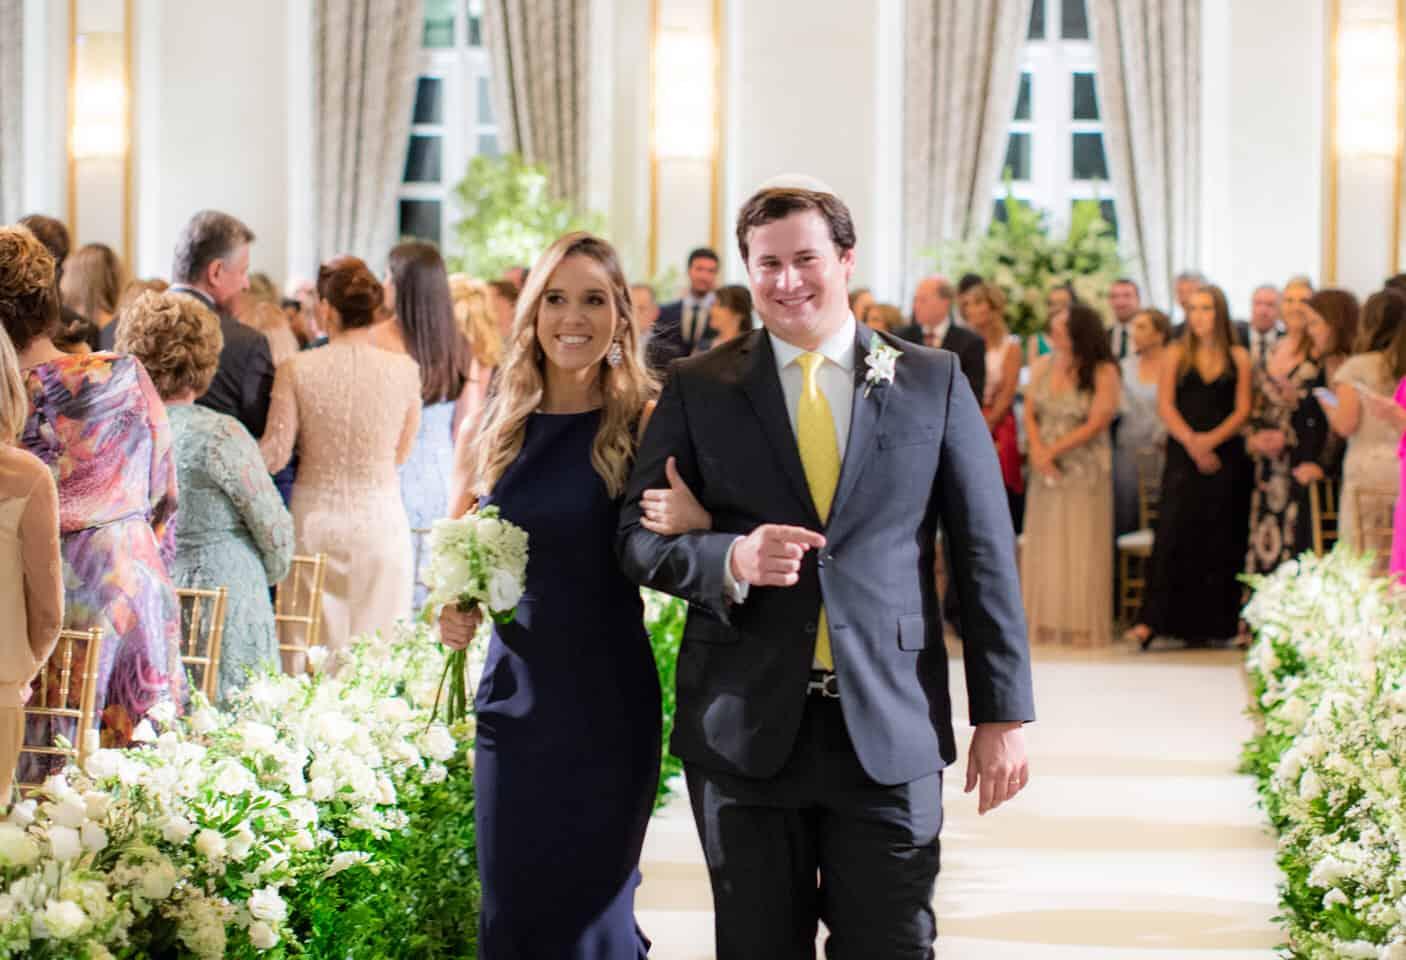 casamento-clássico-casamento-tradicional-casamento-fabiane-e-gustavo-copacabana-palace-rio-de-janeiro-Fotografa-Rodrigo-Sack-19